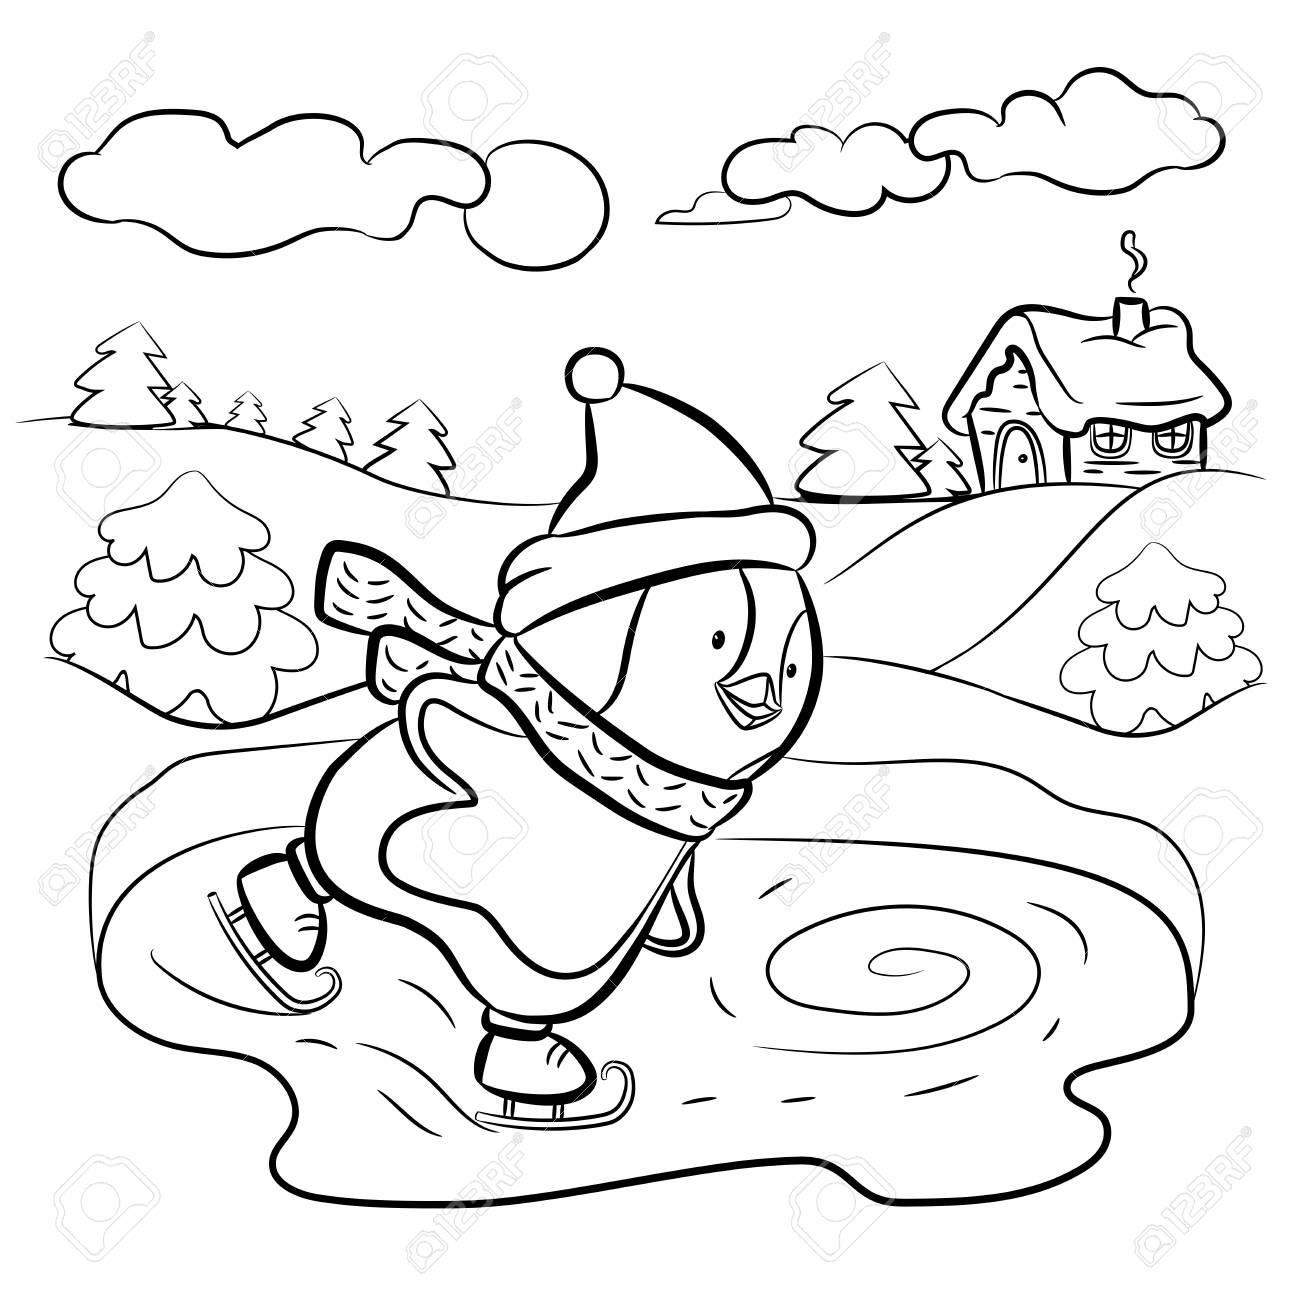 Malvorlagen Für Kinder Pinguin Eis Skater Illustration Lizenzfreie